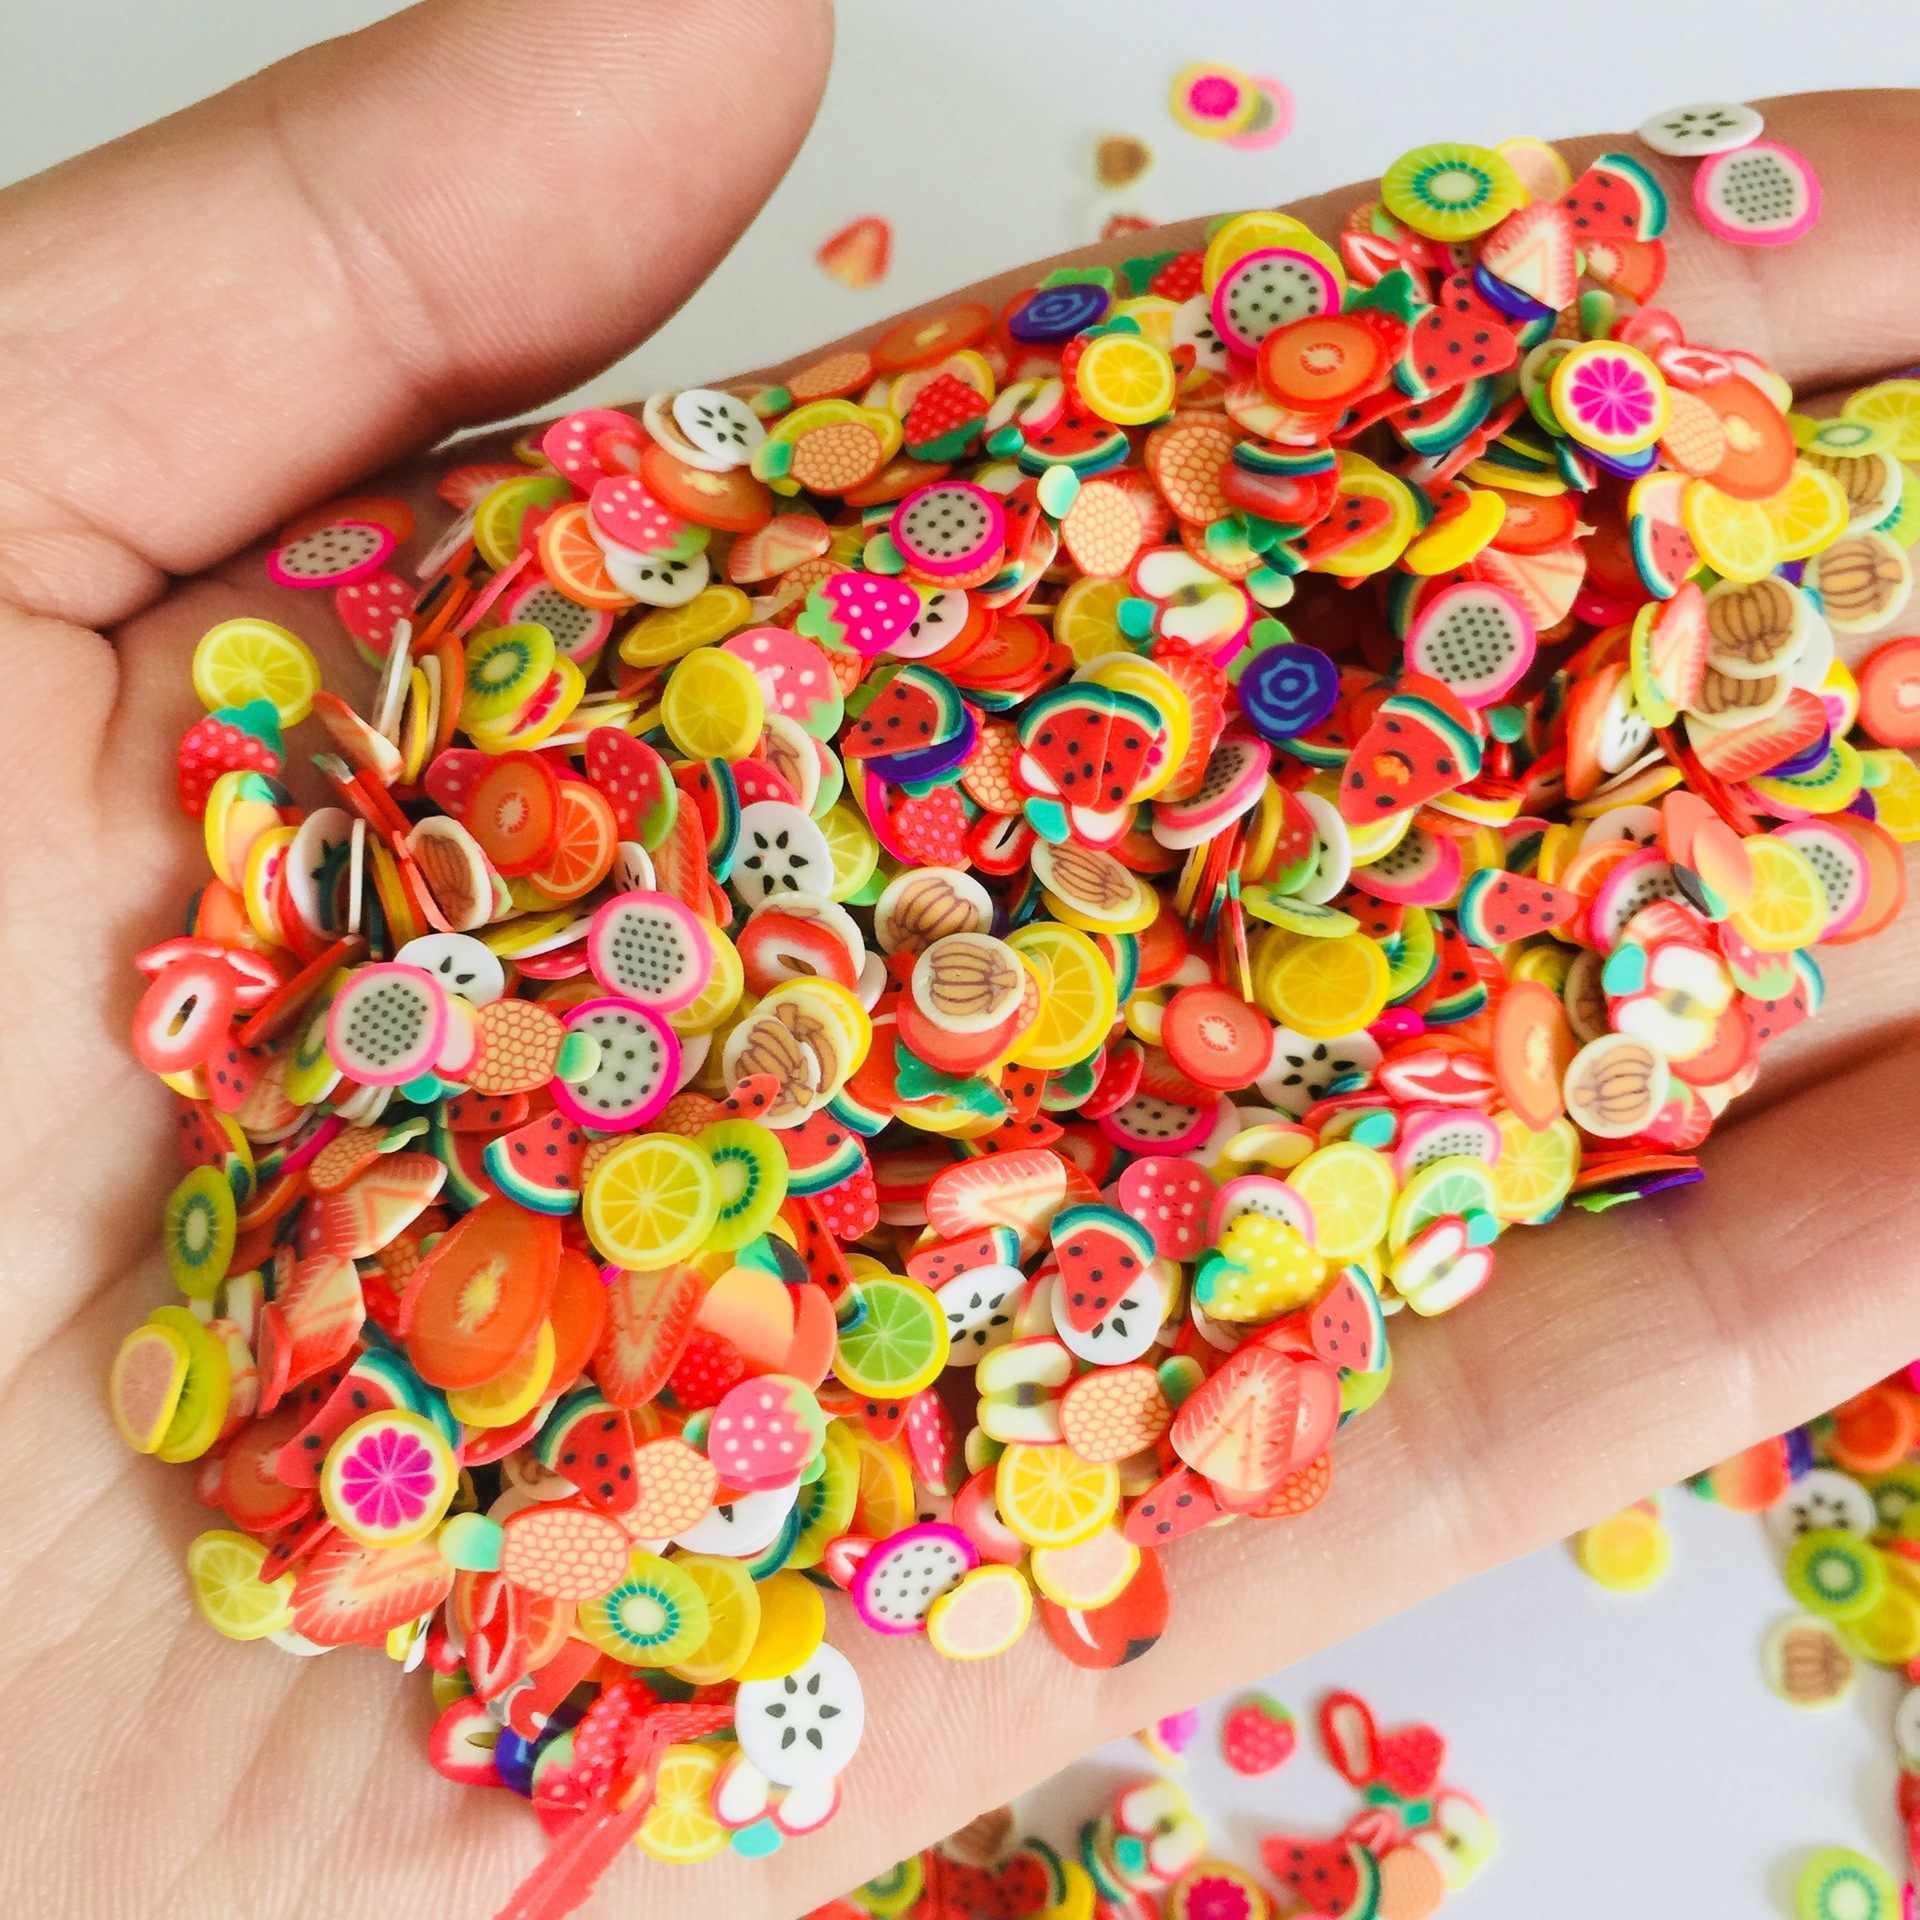 1000pcs ผลไม้ Filler สำหรับเล็บเคล็ดลับ Art เครื่องปั้นดินเผา Slime ผลไม้สำหรับเด็ก DIY slime อุปกรณ์เสริมอุปกรณ์ตกแต่งของเล่น